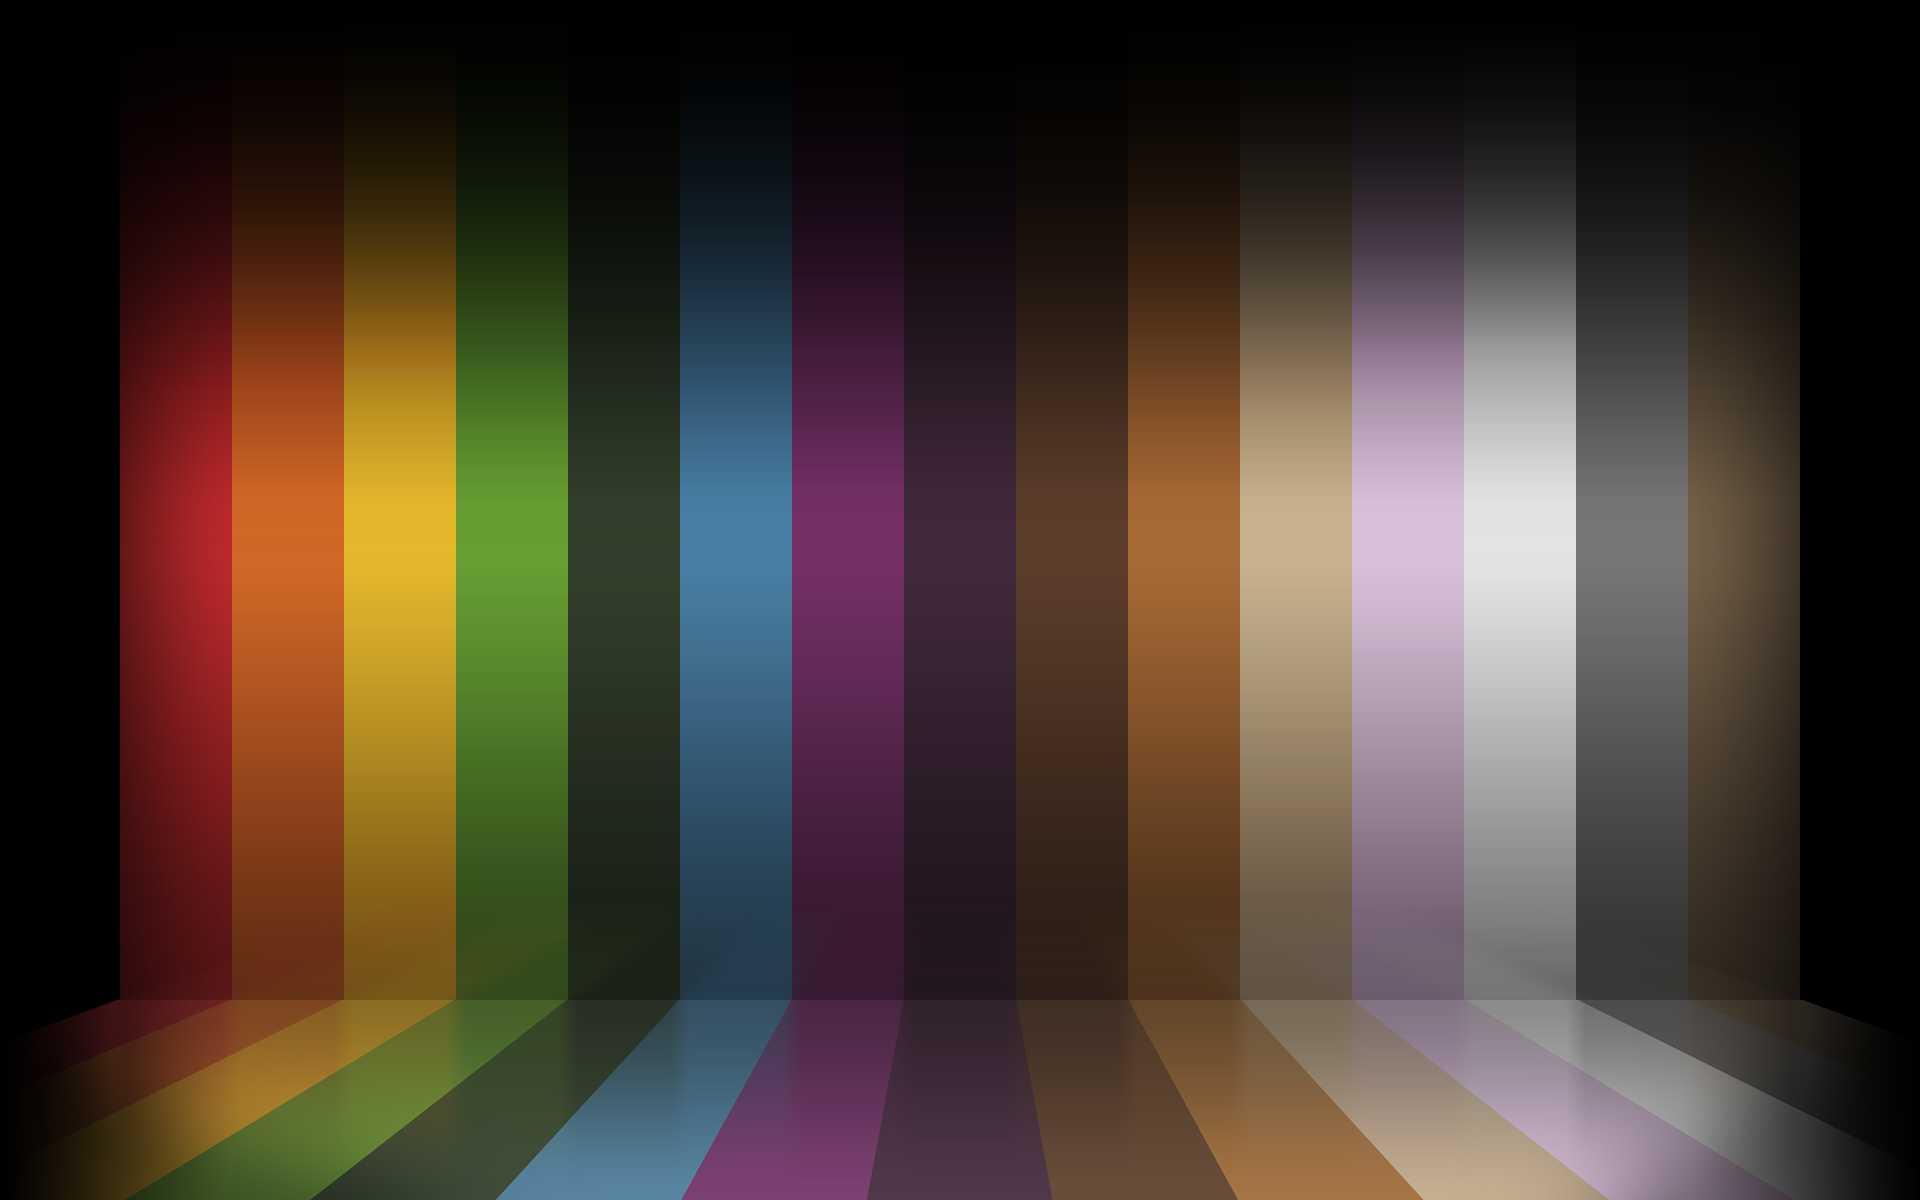 Solid Color Wallpaper Android Pixelstalknet